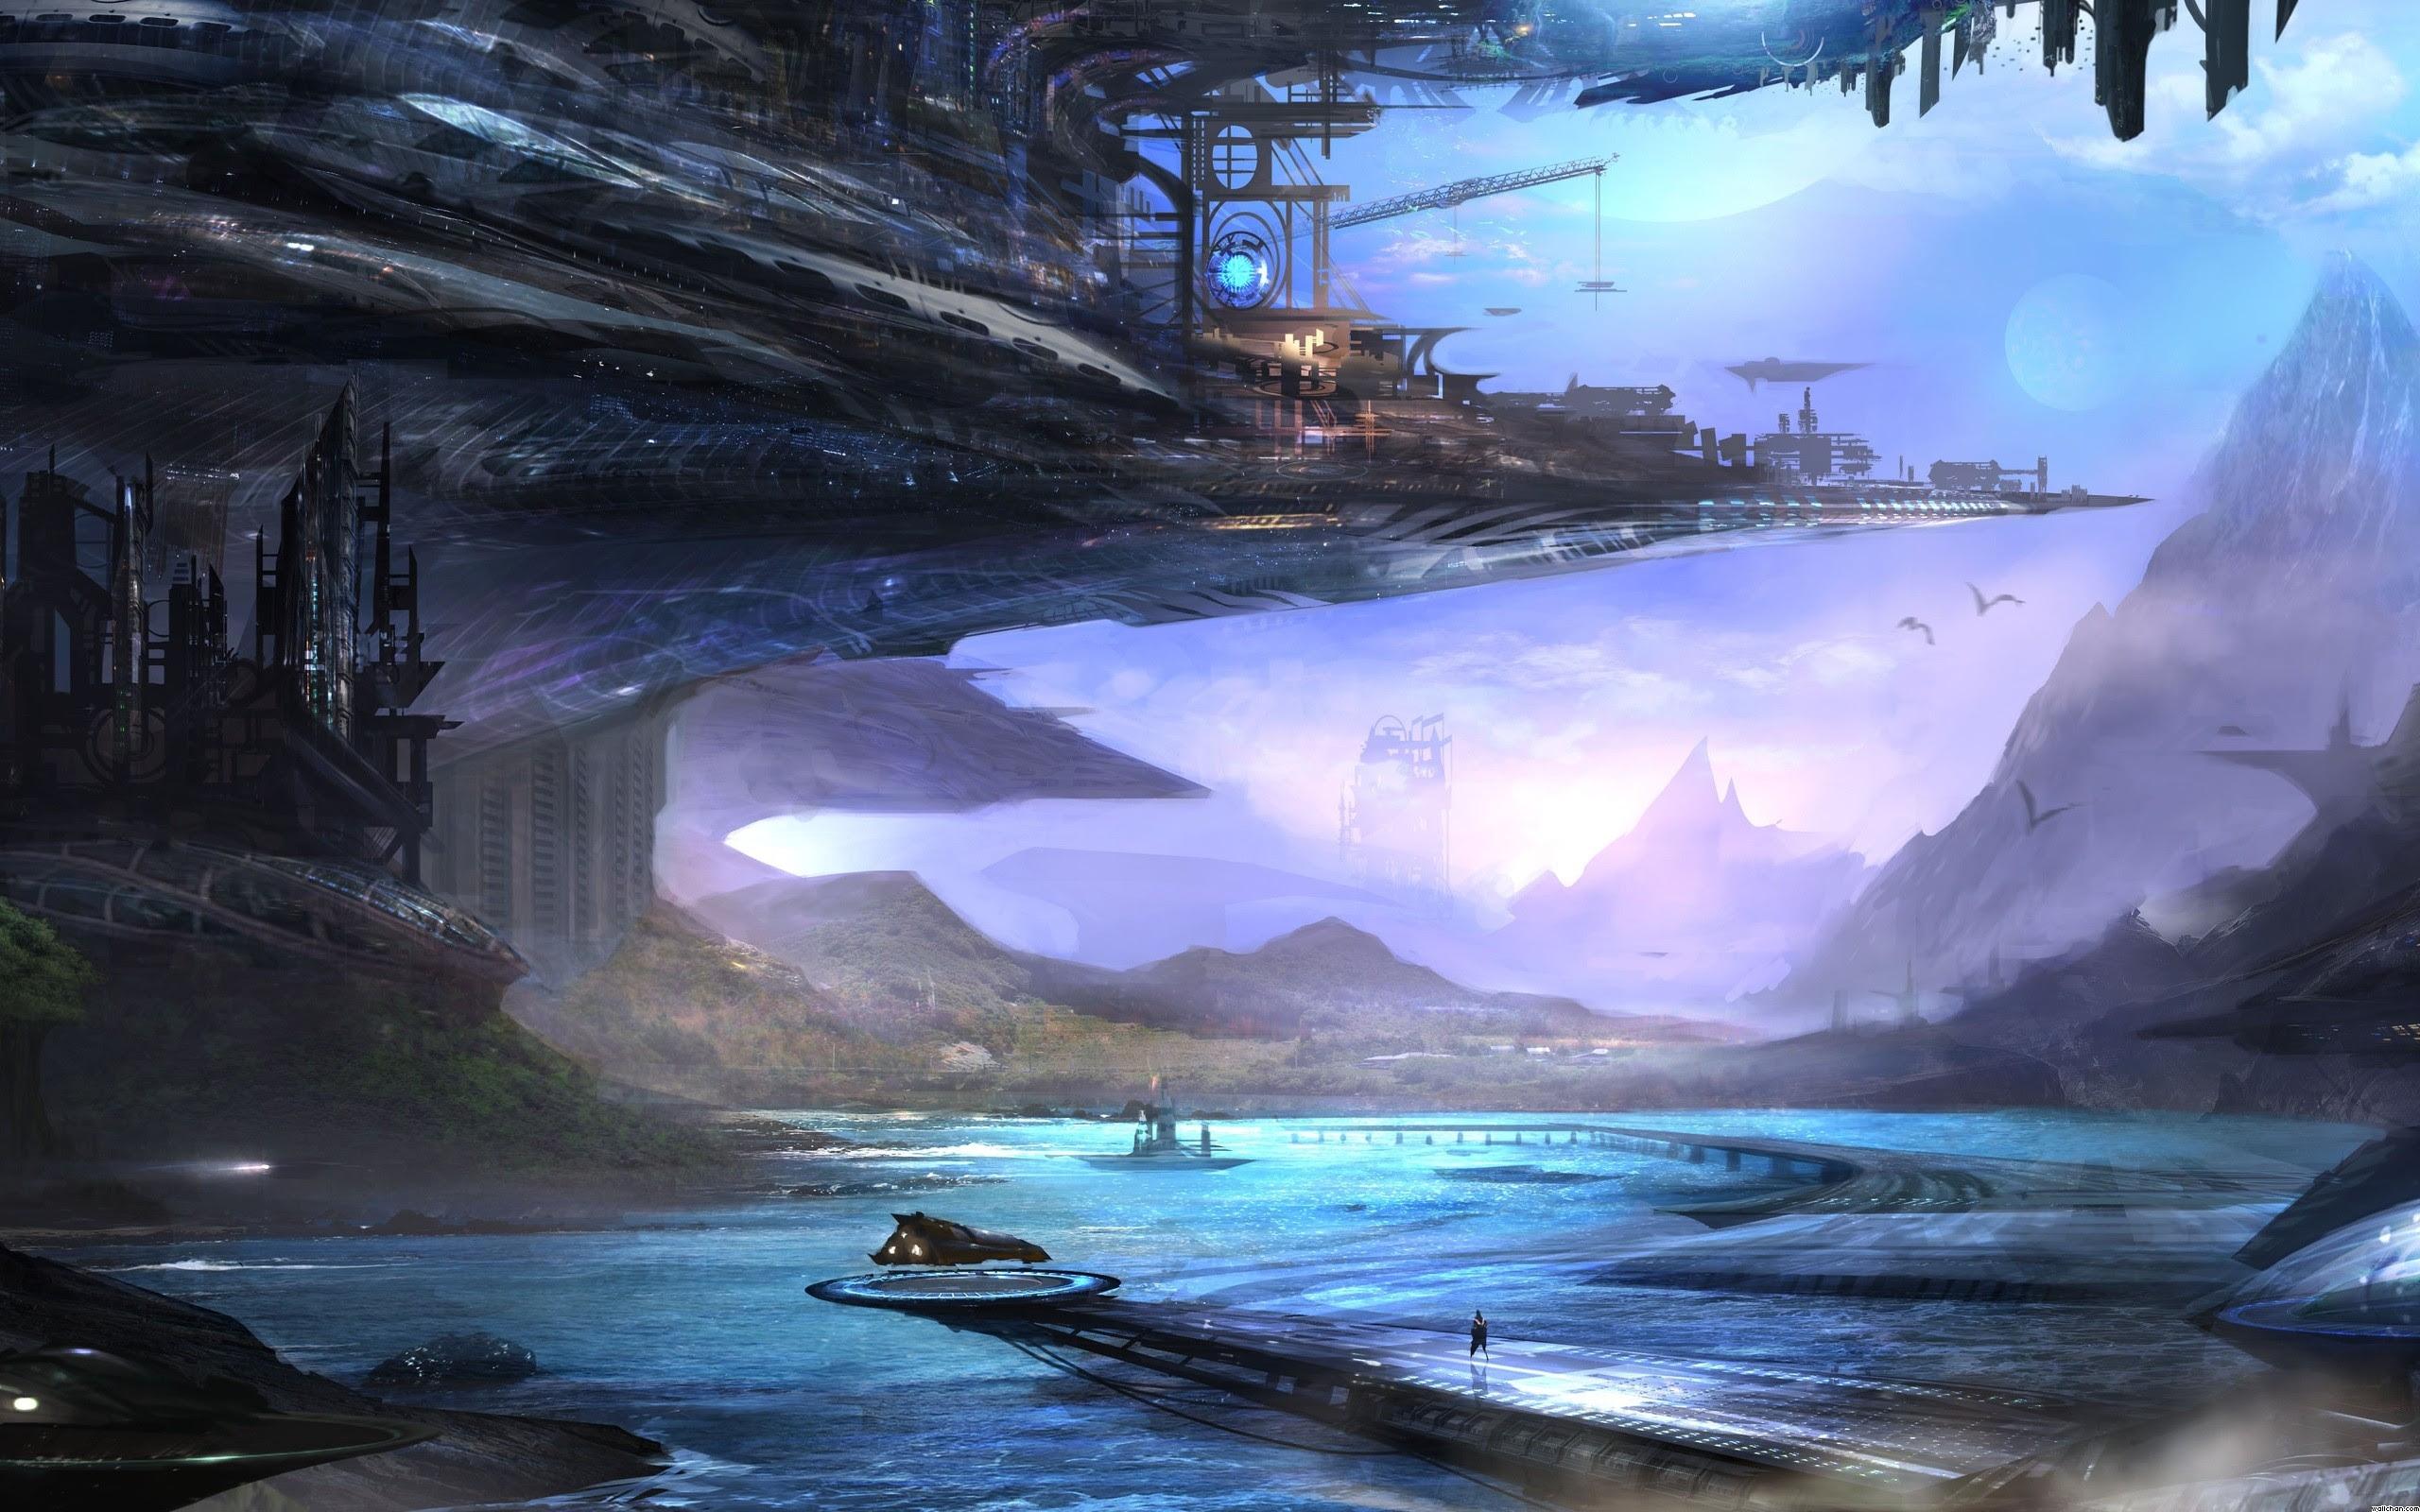 Anime Landscape Wallpaper HD | PixelsTalk.Net